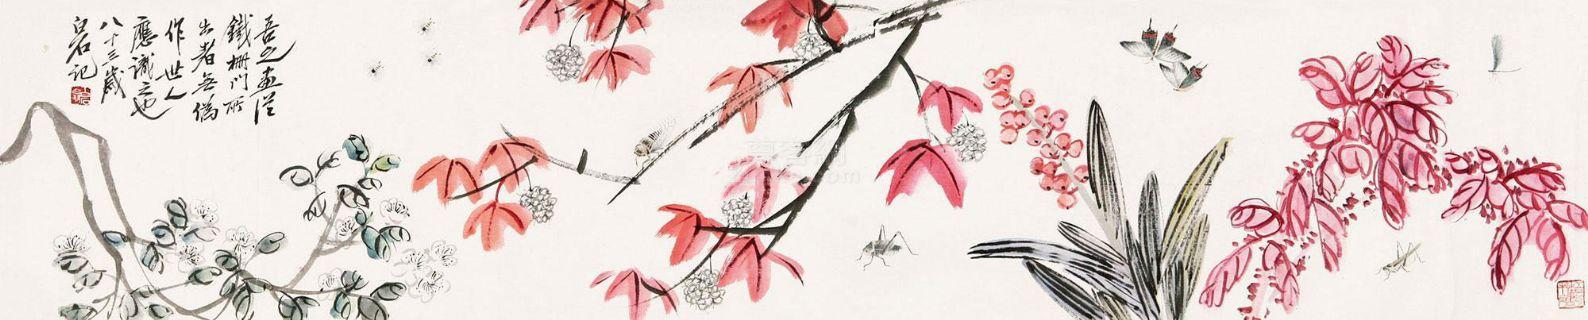 齐白石 花卉 手卷 纸本作品欣赏